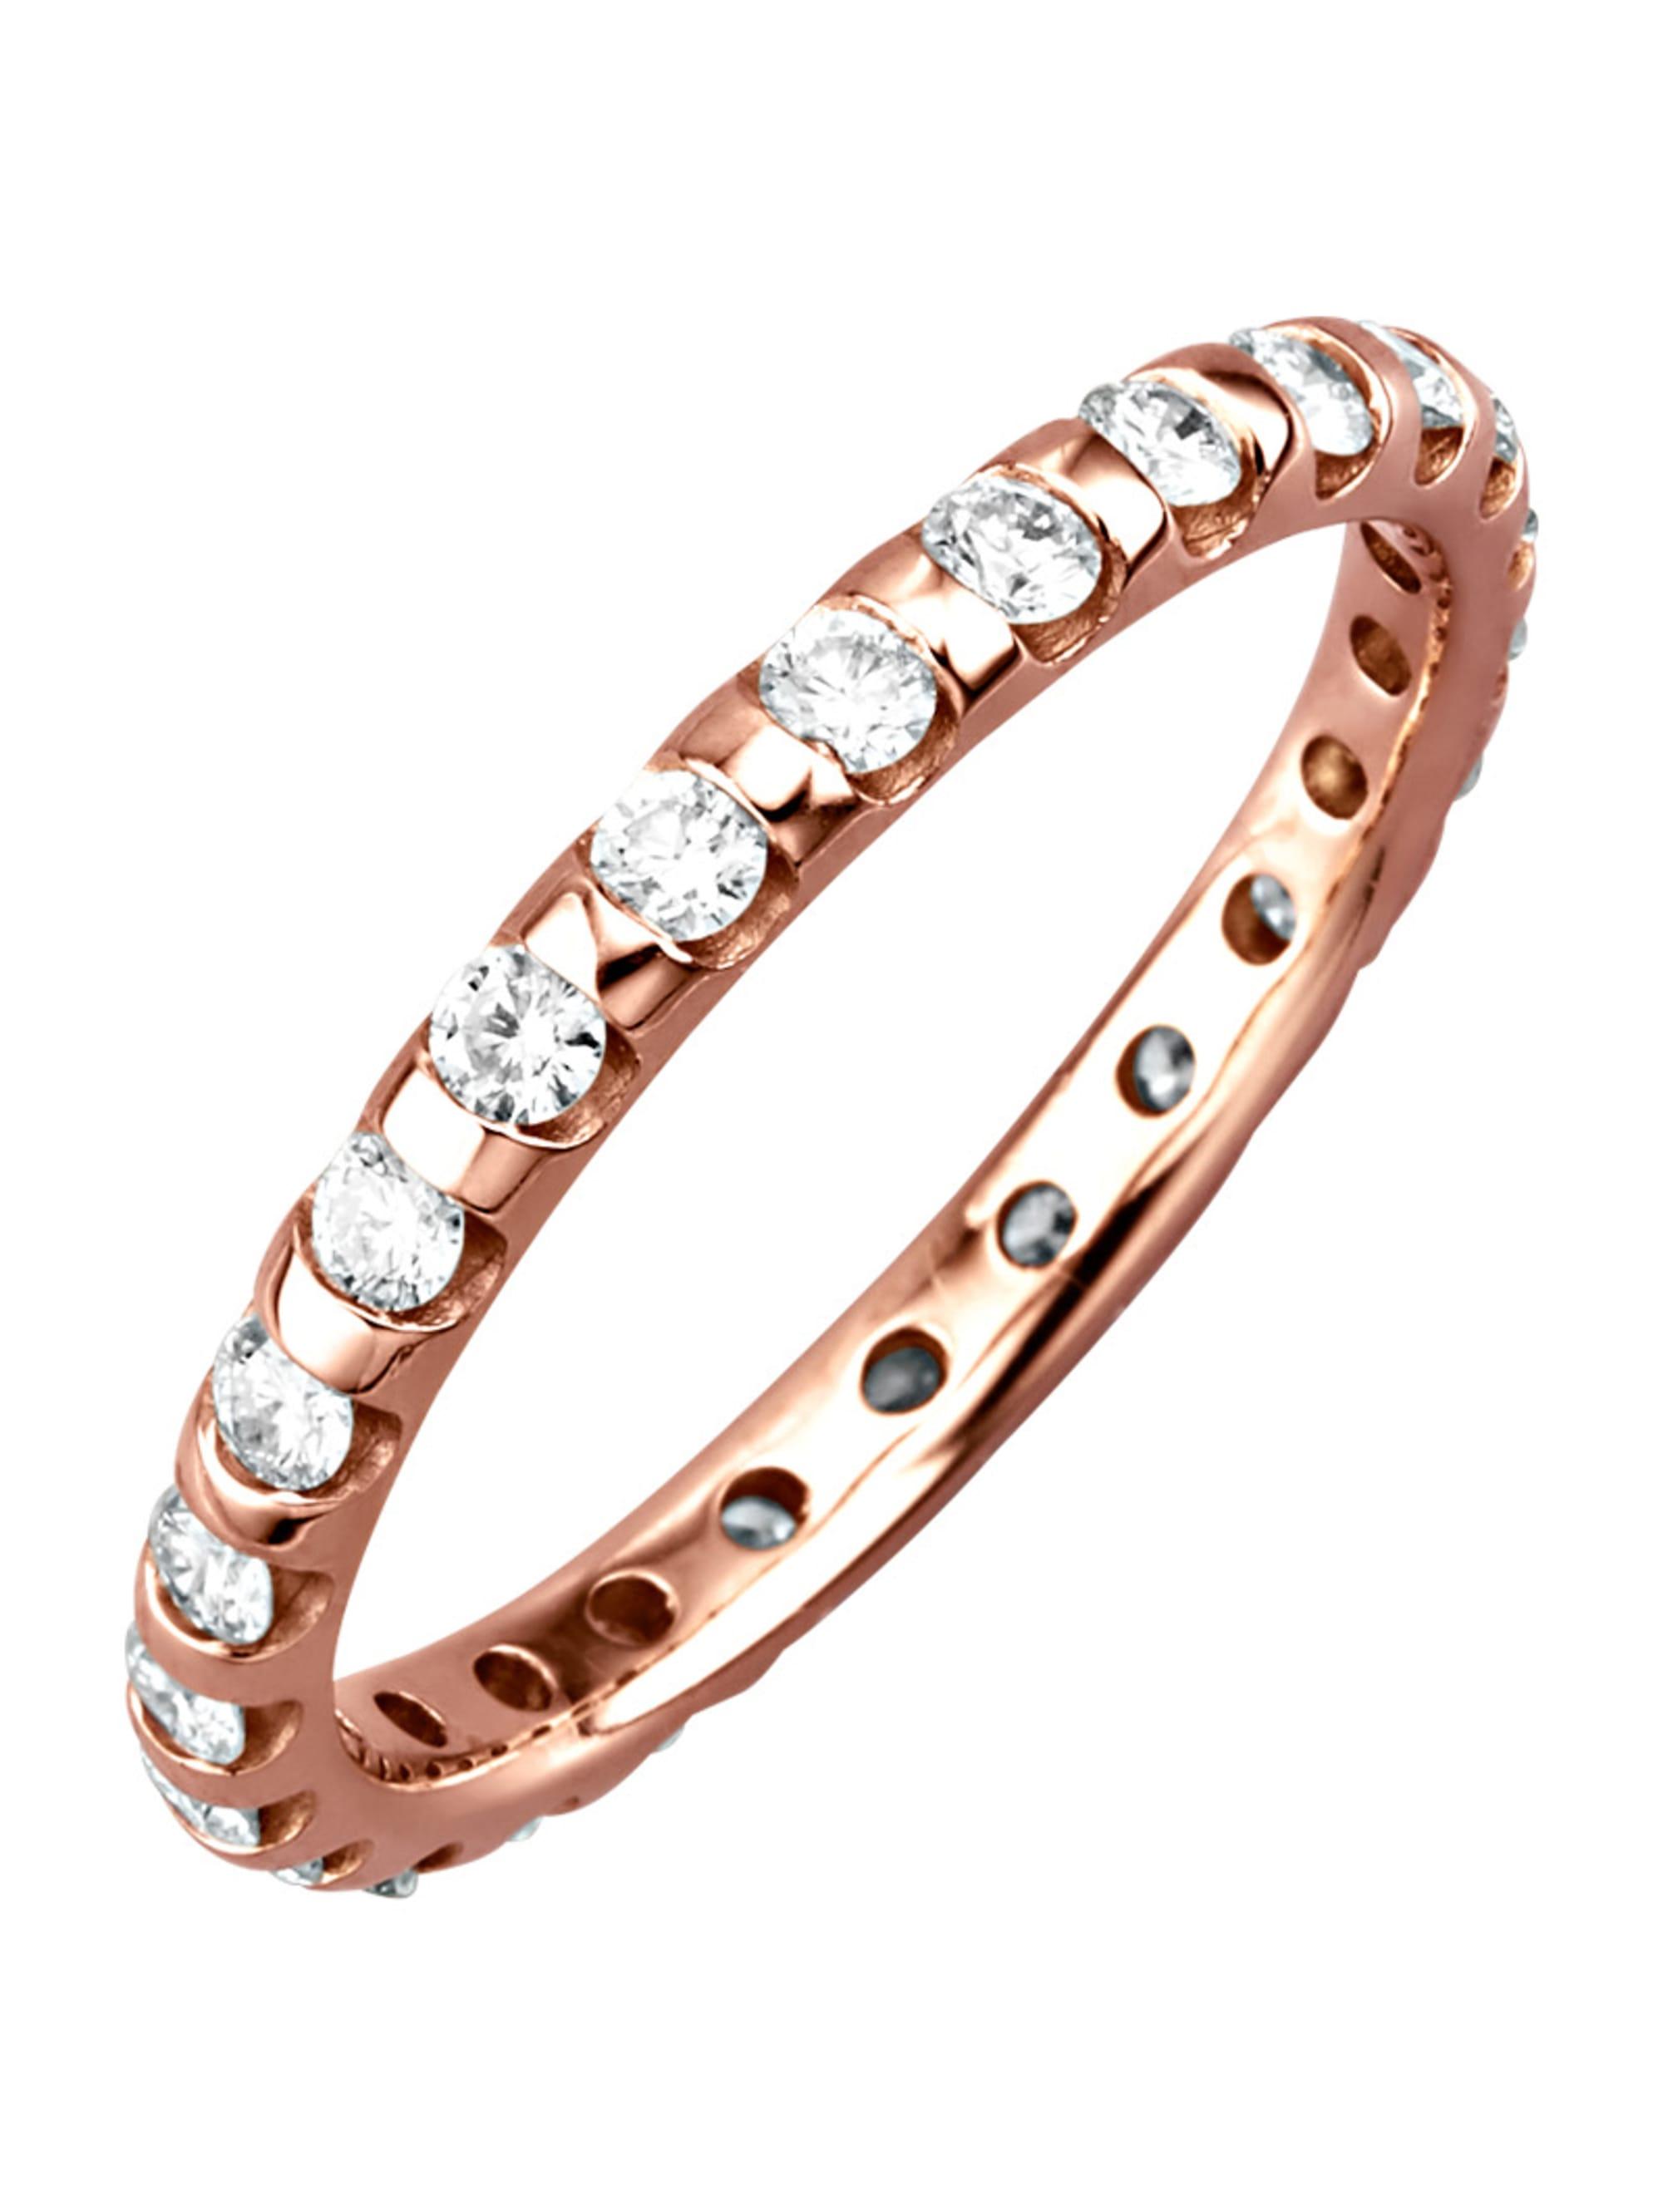 Diemer Diamant Memoirering mit Brillanten nSh9P